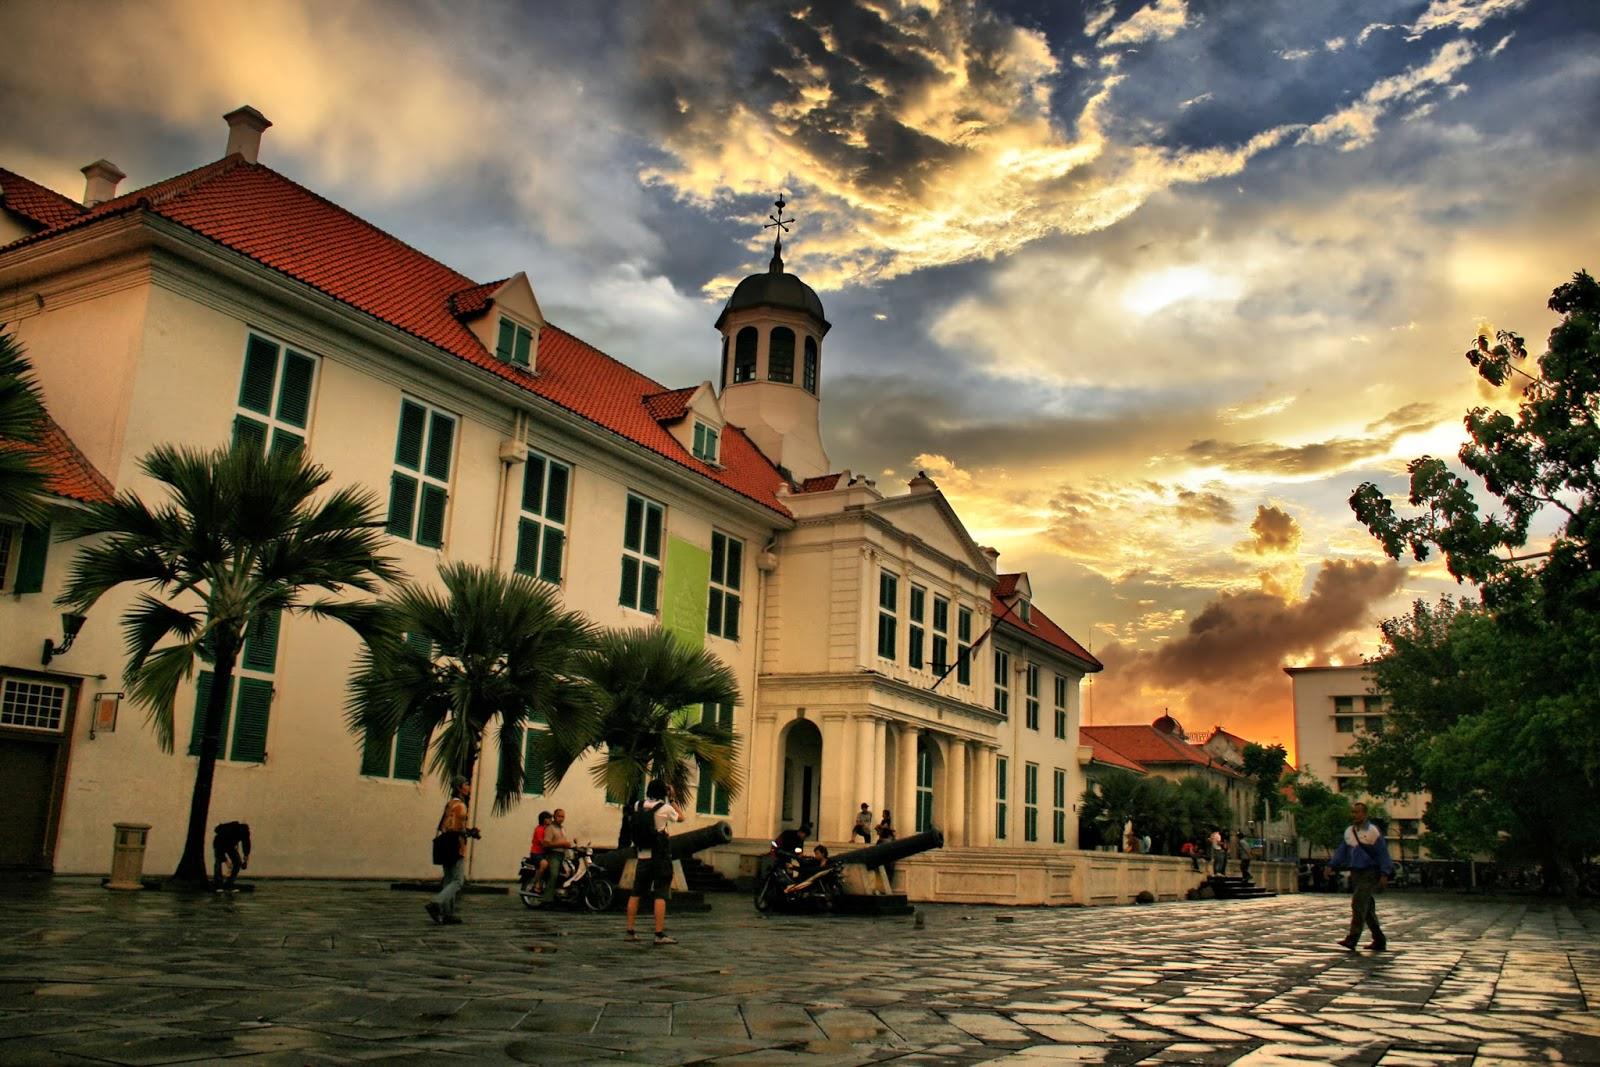 Berpetualangan di Jakarta History Museum